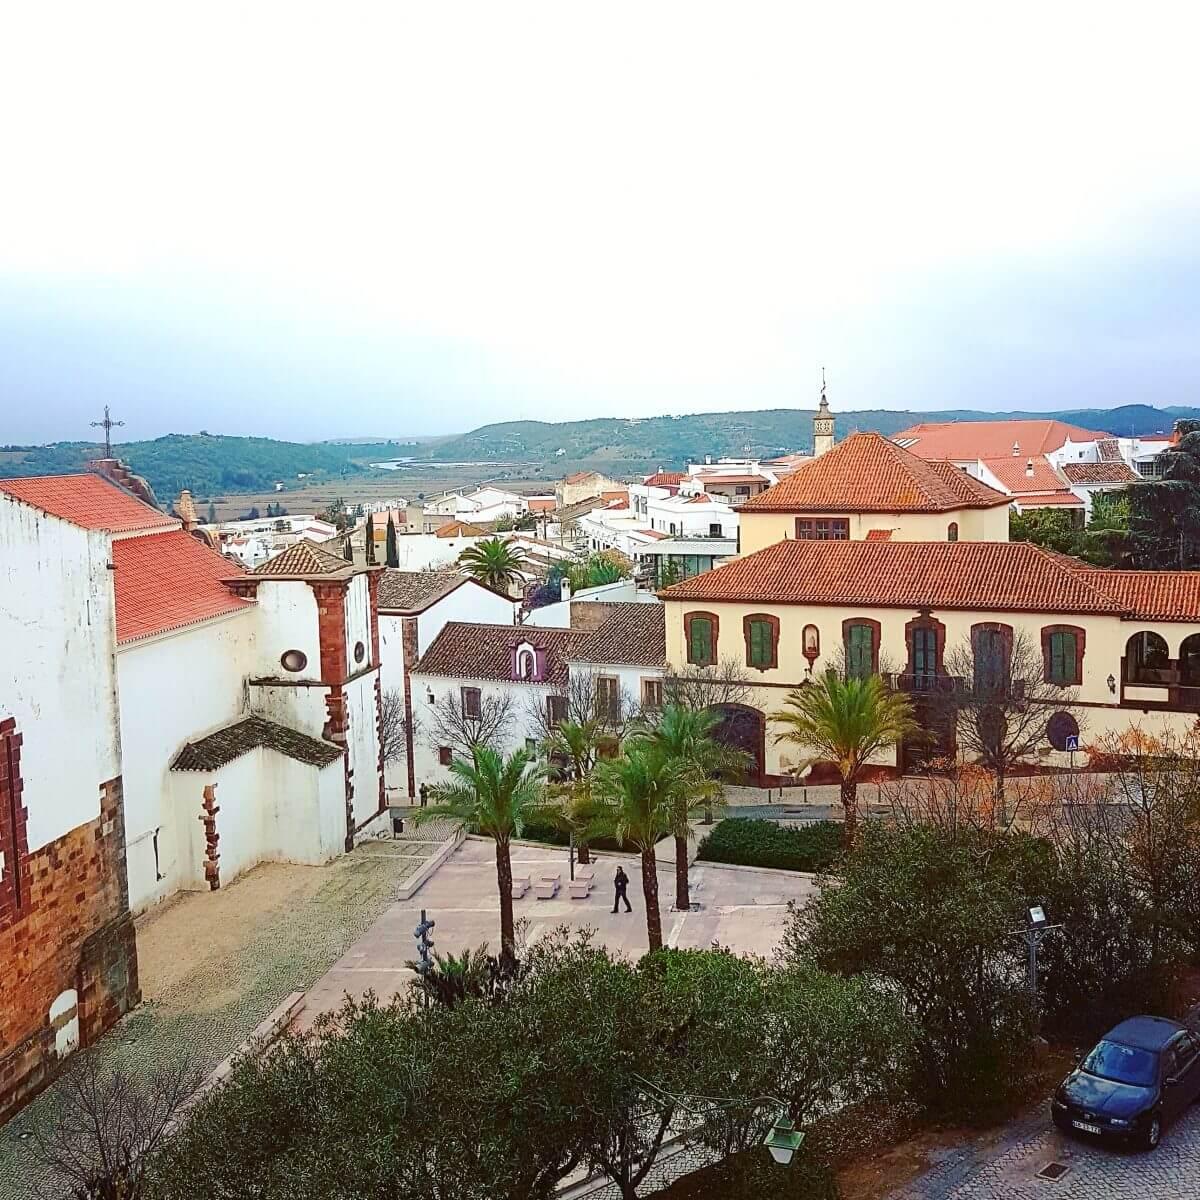 Algarve met kids: het binnenland in naar schilderachtige dorpje Silves met indrukwekkend fort, uitje Portugal met kinderen